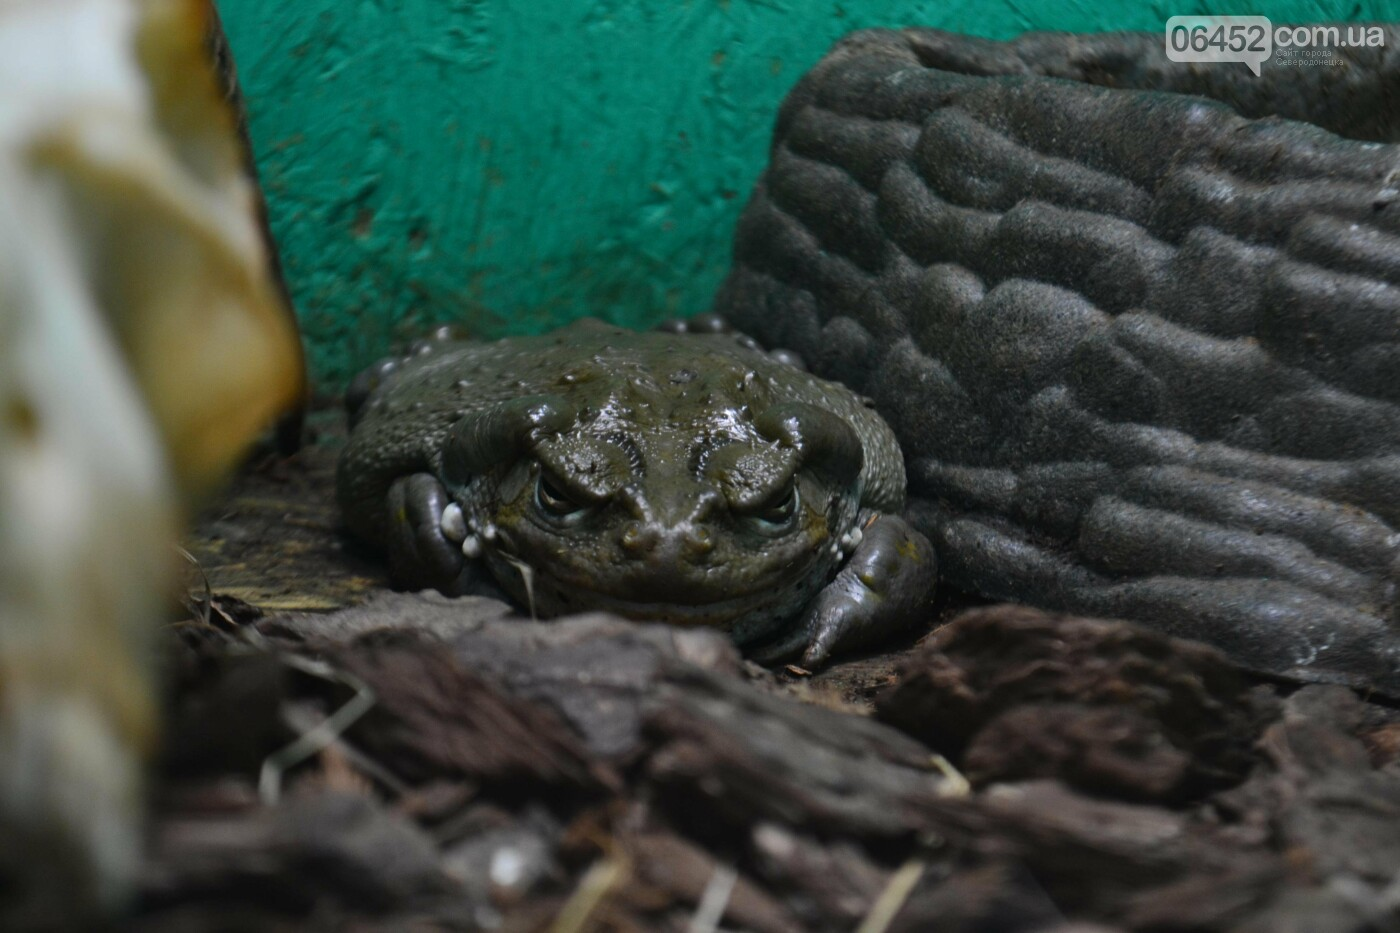 В Северодонецке открылась выставка экзотических рептилий (фото) , фото-5